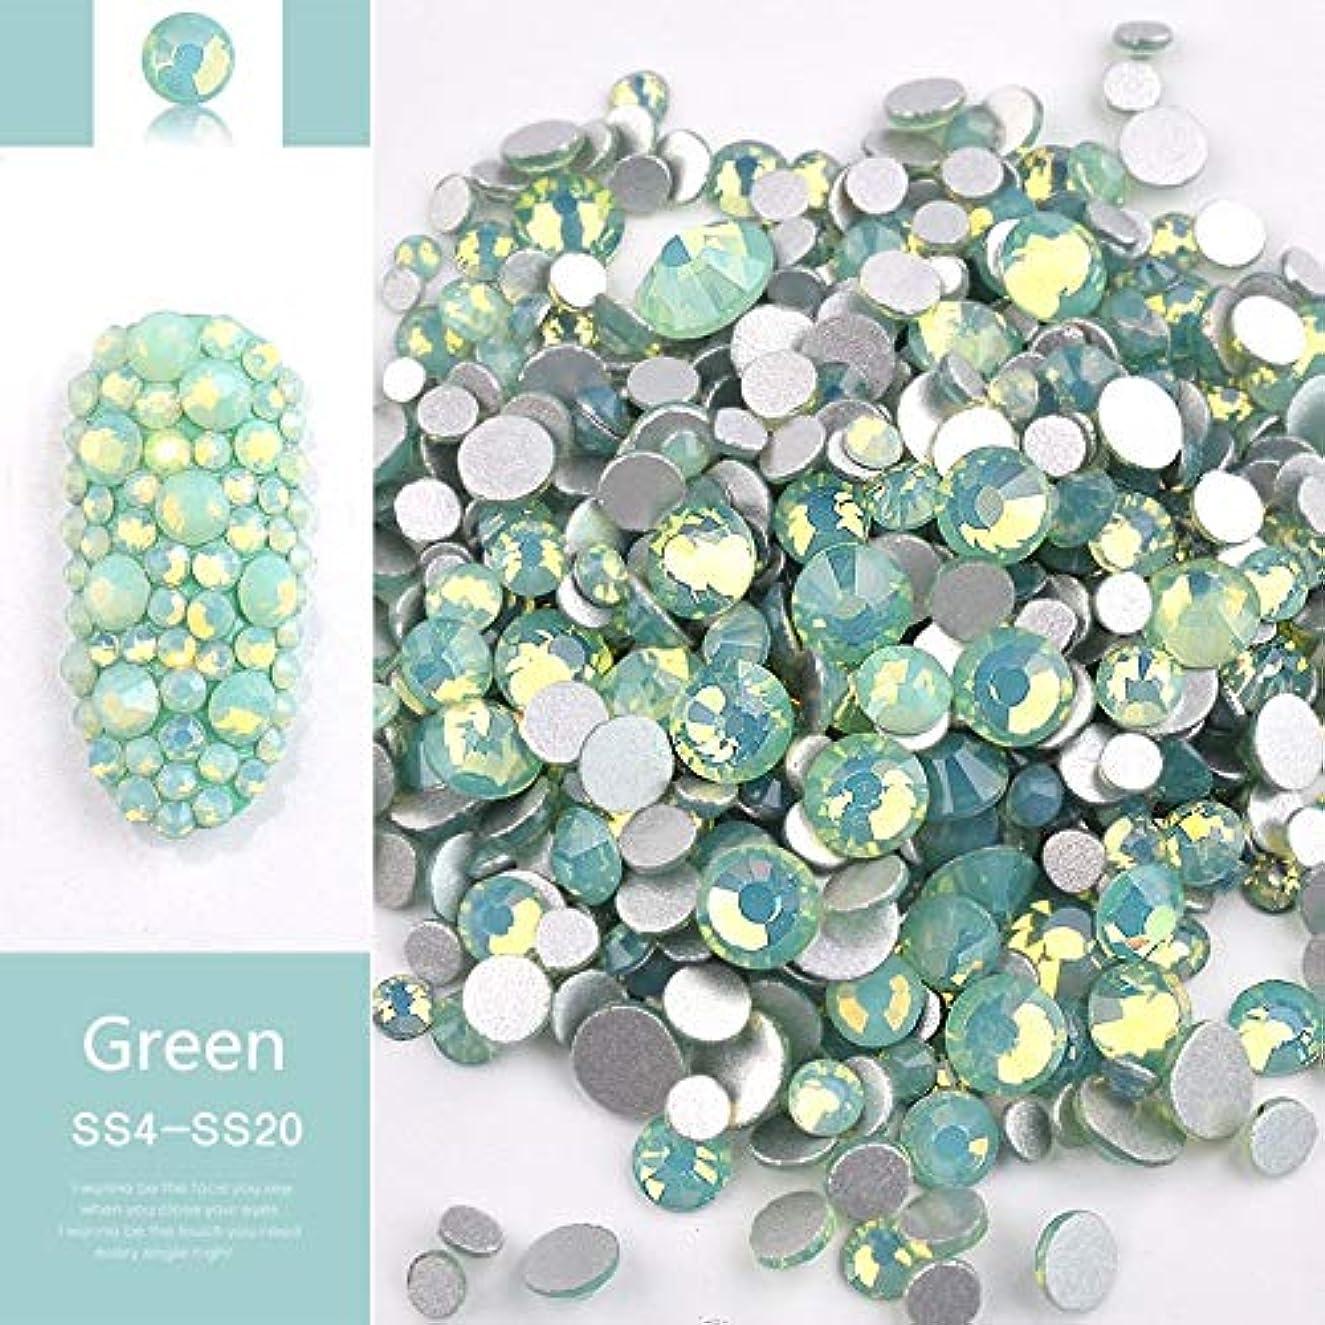 閉じ込めるカヌー鹿Jiaoran ビーズ樹脂クリスタルラウンドネイルアートミックスフラットバックアクリルラインストーンミックスサイズ1.5-4.5 mm装飾用ネイル (Color : Green)